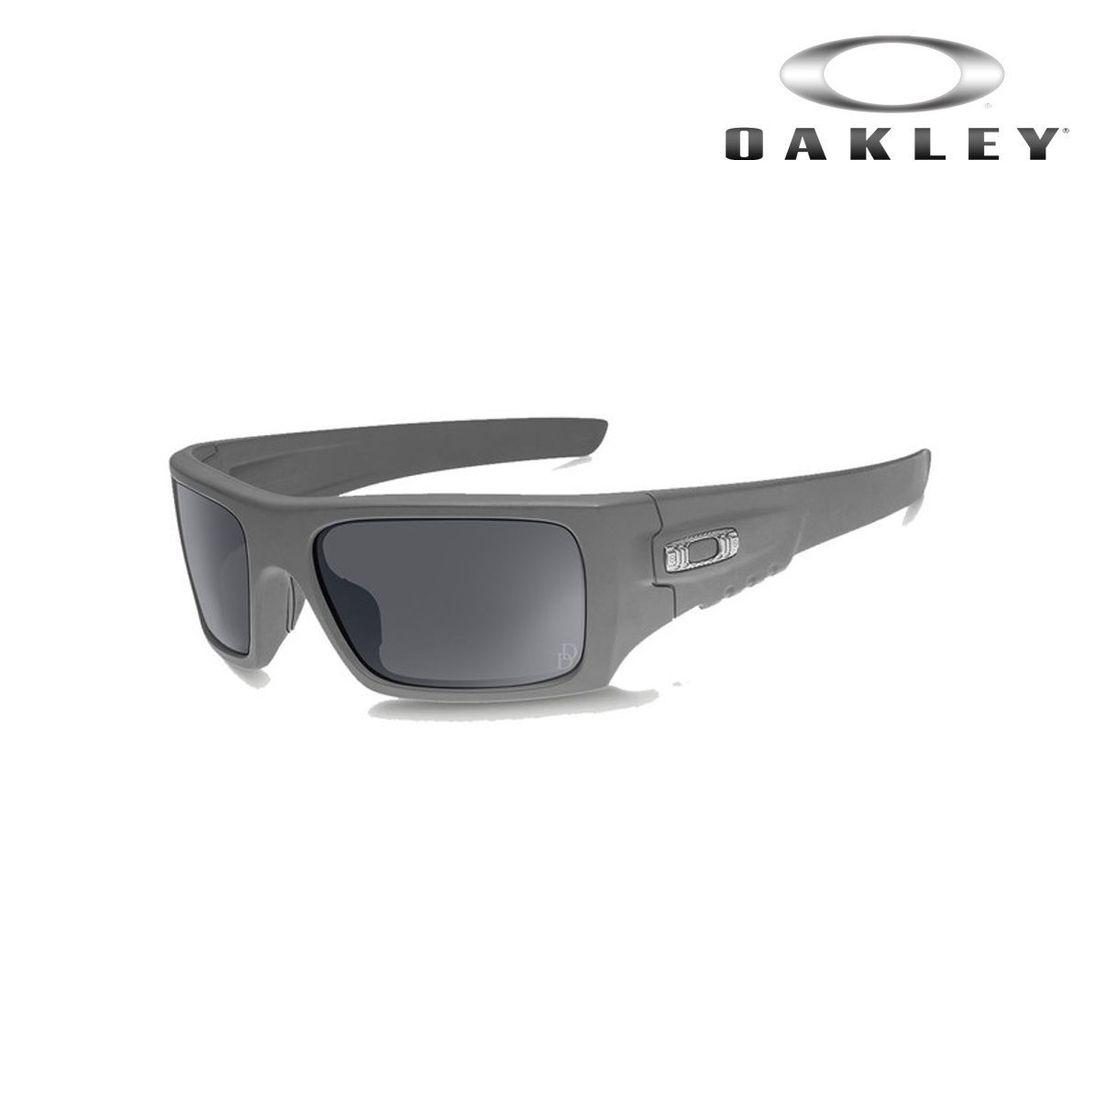 Lunette SI Ballistic Daniel Defense Det Cord™ eaca1789c38a